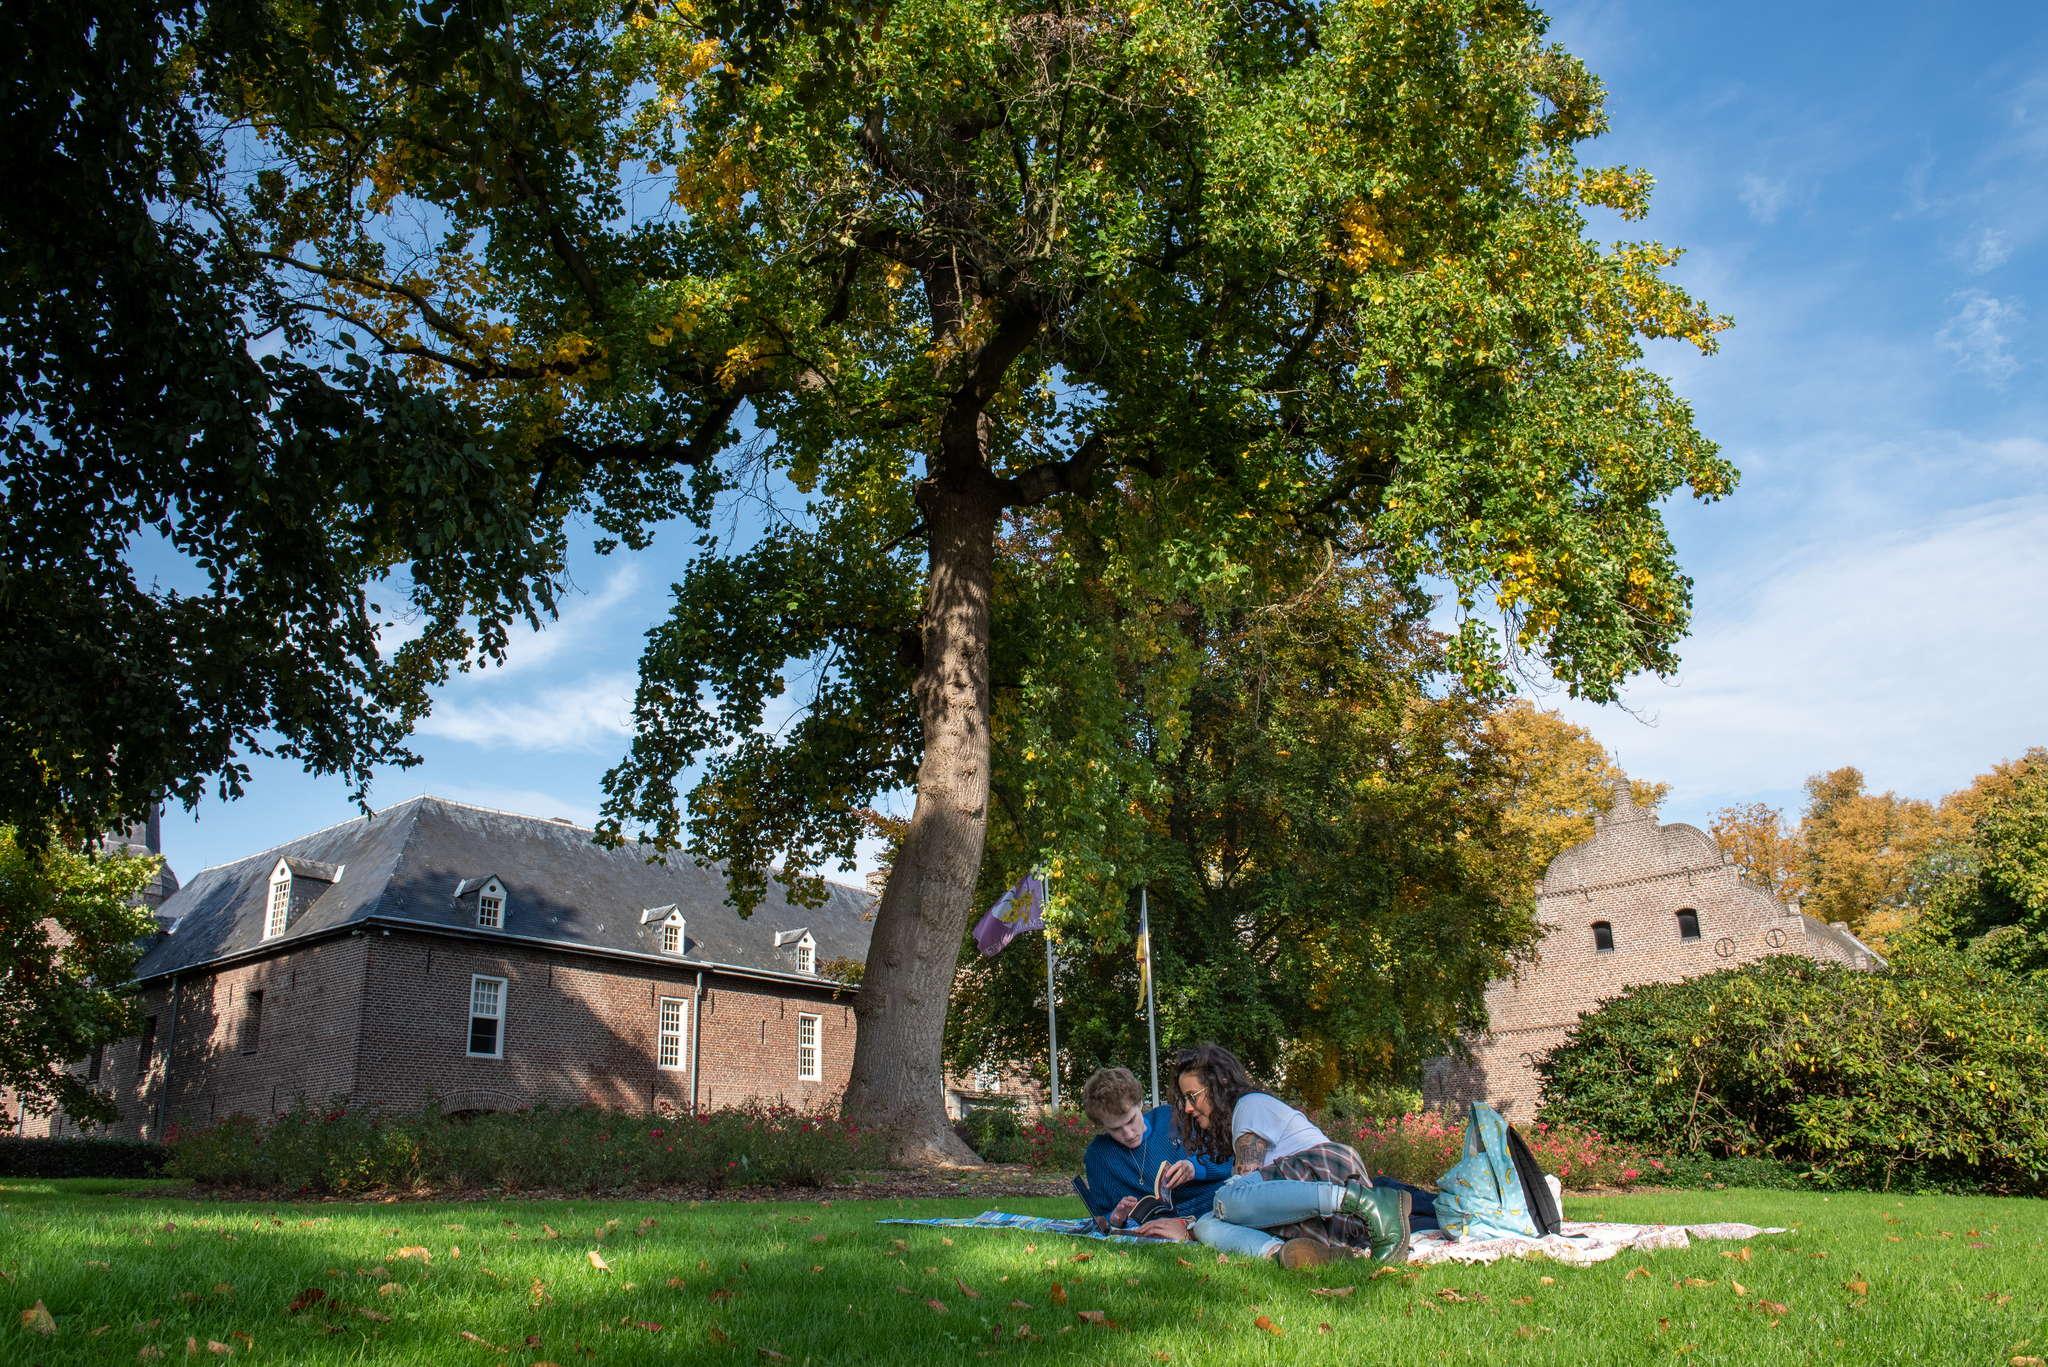 Kasteel_Well_Campus_3_191014_KasteelWell-044